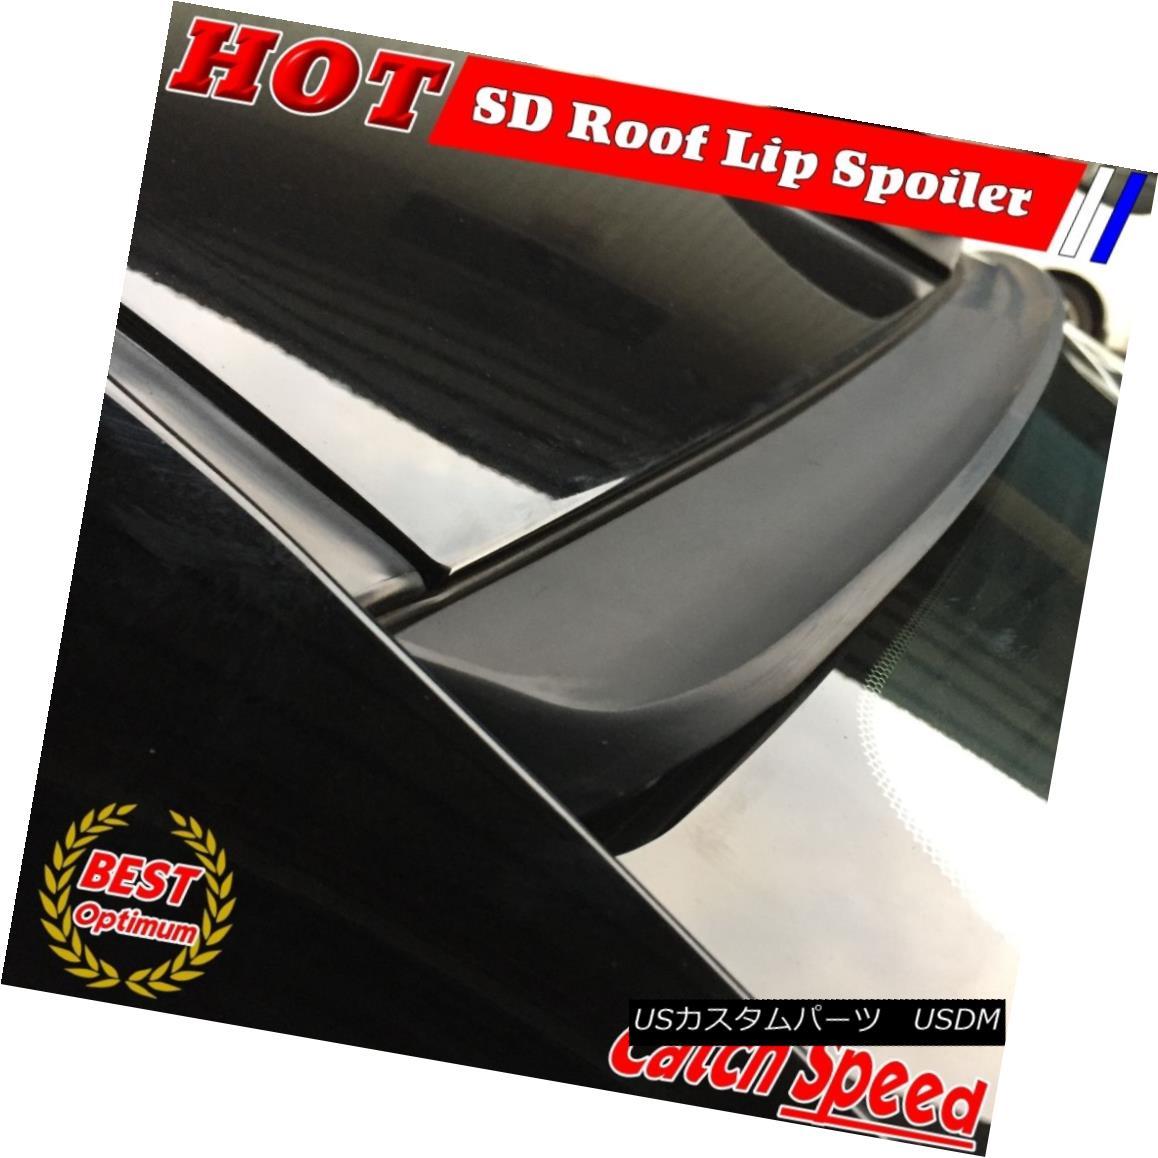 エアロパーツ Flat Black SD Style Rear Roof Spoiler For Toyota Corolla Altis Sedan 2000~2008 トヨタカローラアルティスセダン用フラットブラックSDスタイルリアルーフスポイラー2000?2008